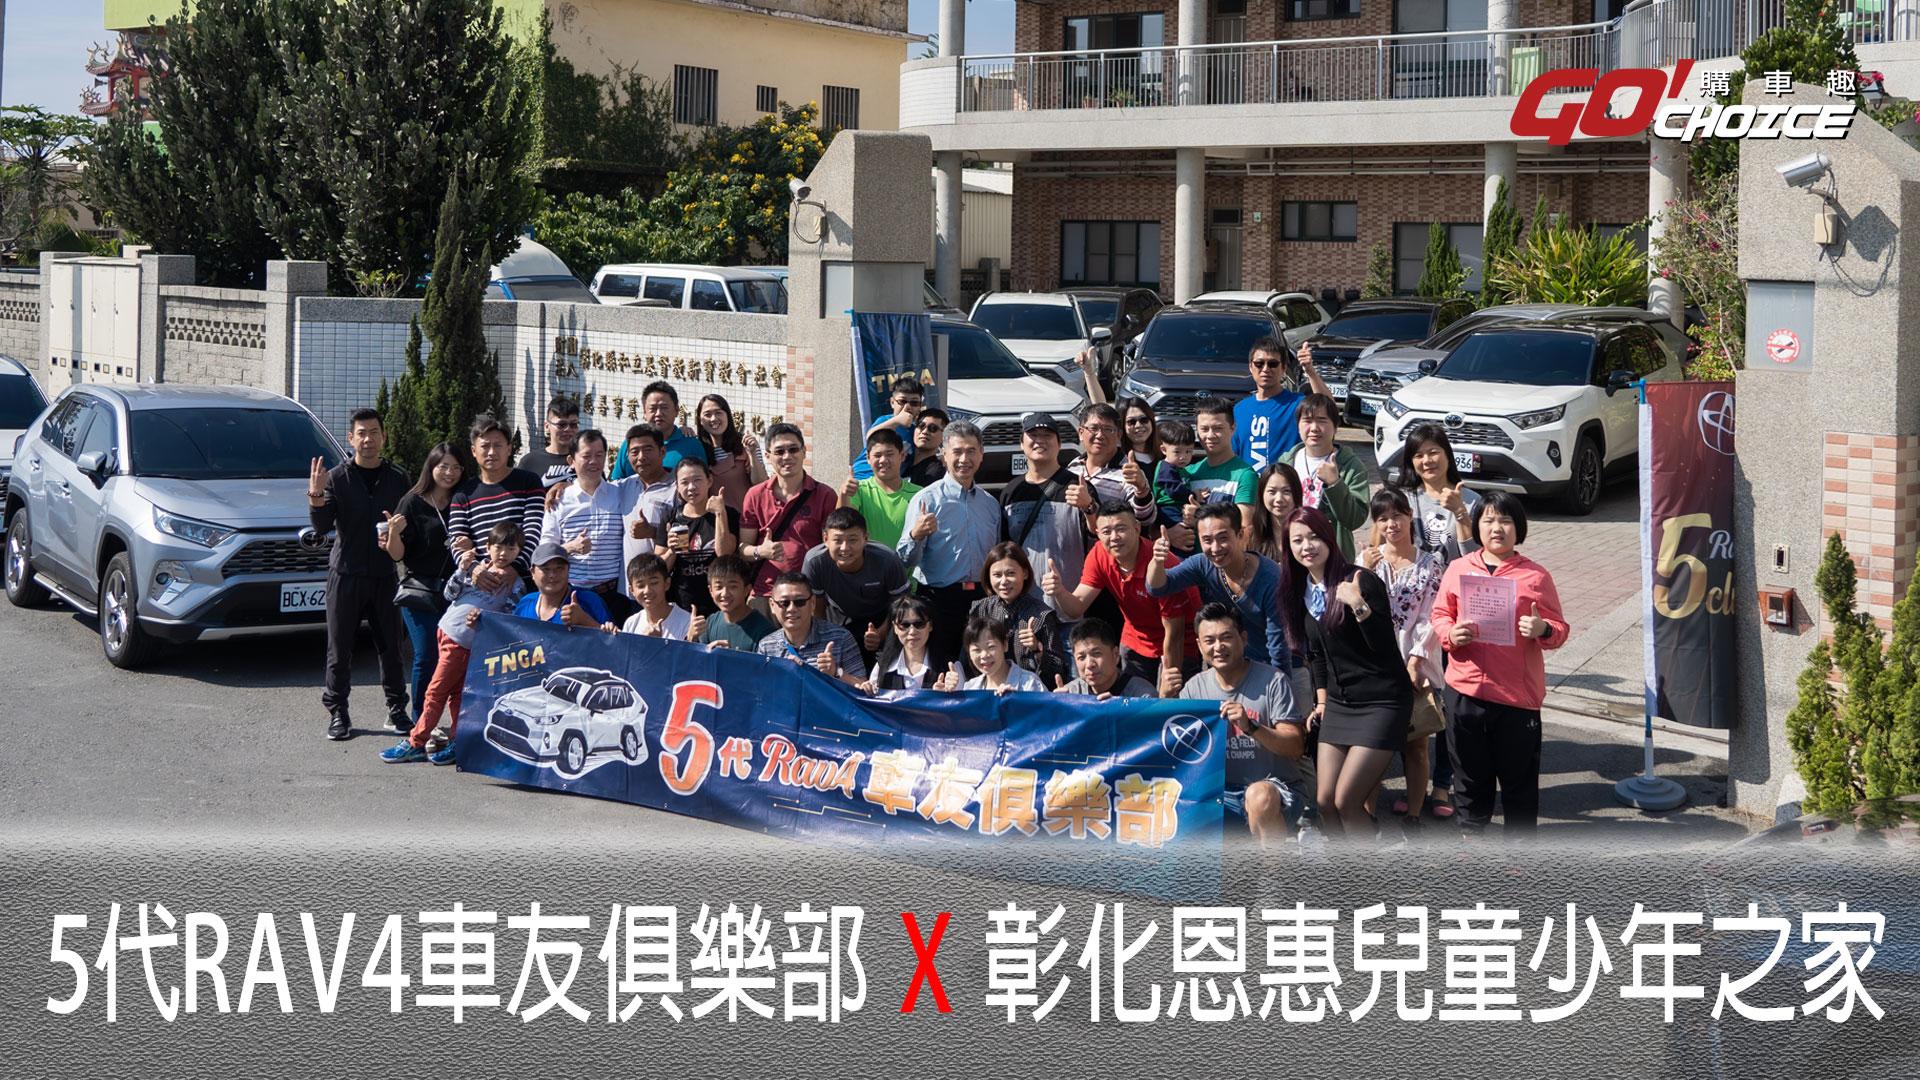 特別企劃-5代RAV4車友俱樂部 X 彰化恩惠兒童少年之家 X TOYOTA張心怡